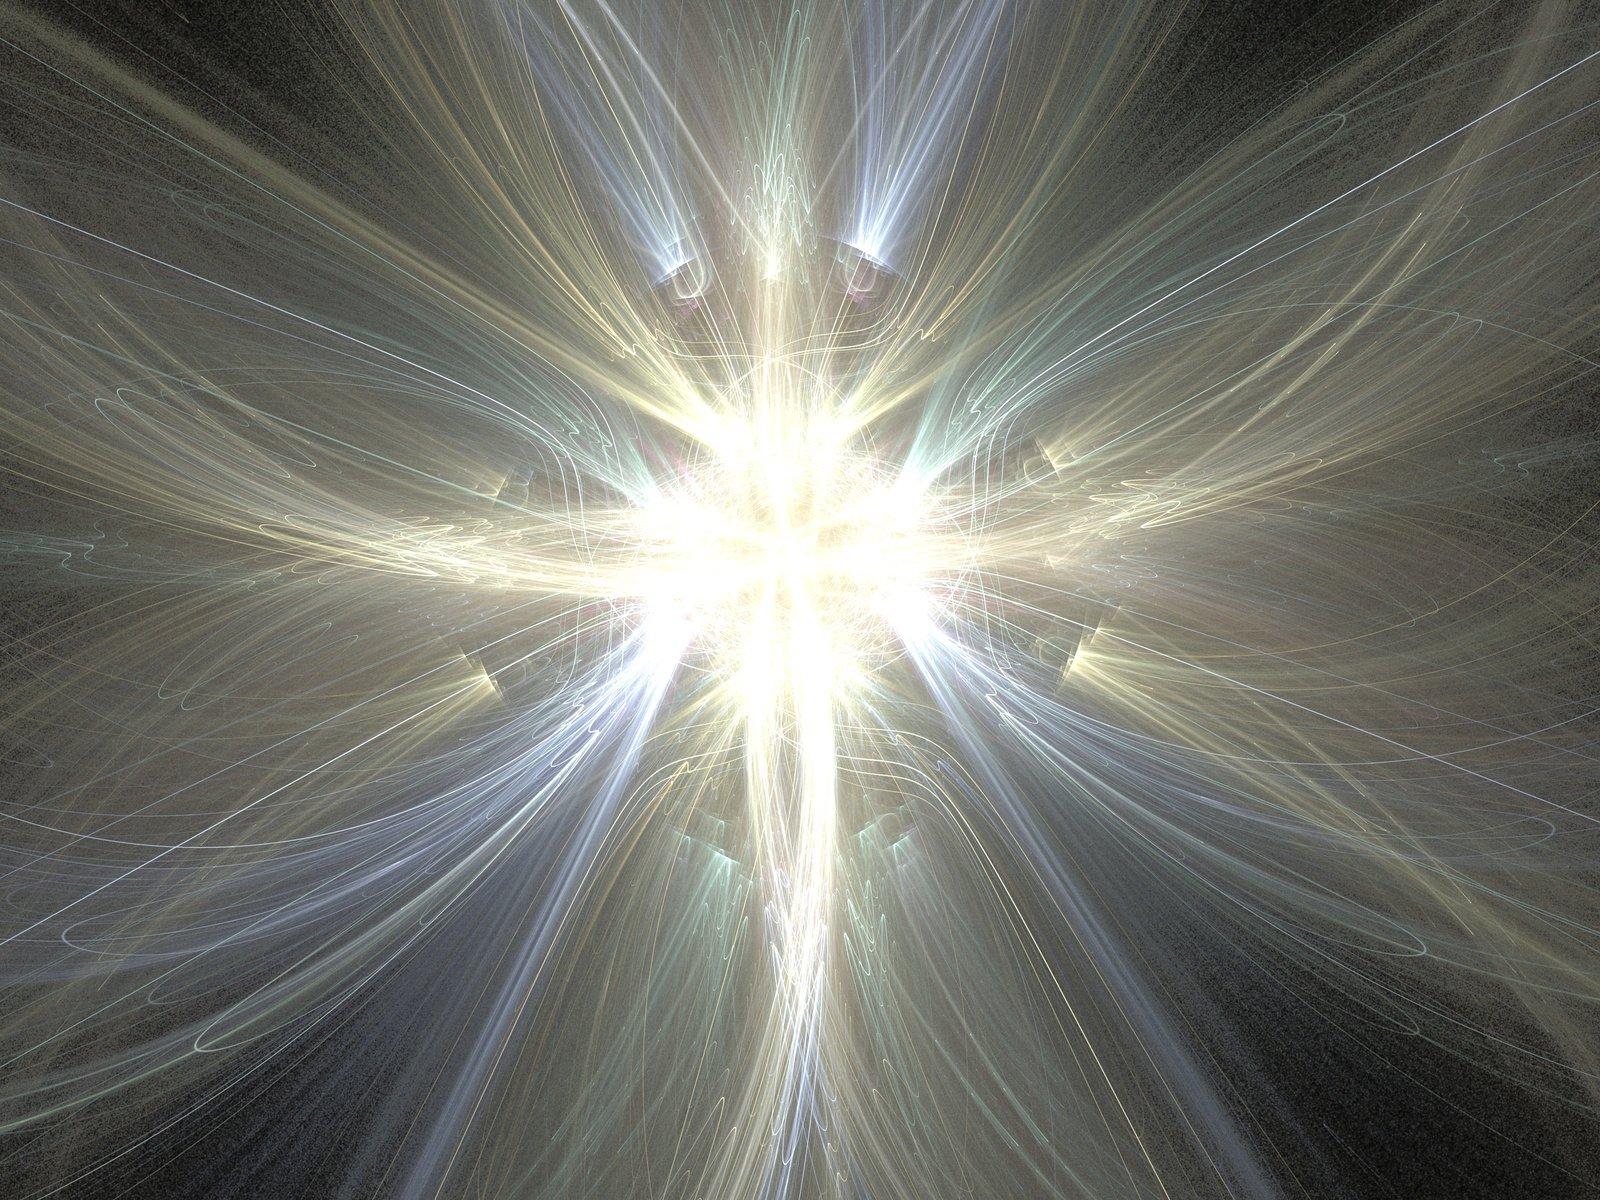 [Grèce] L'aide des héros d'antan [Atom] Light-explosion-1171393